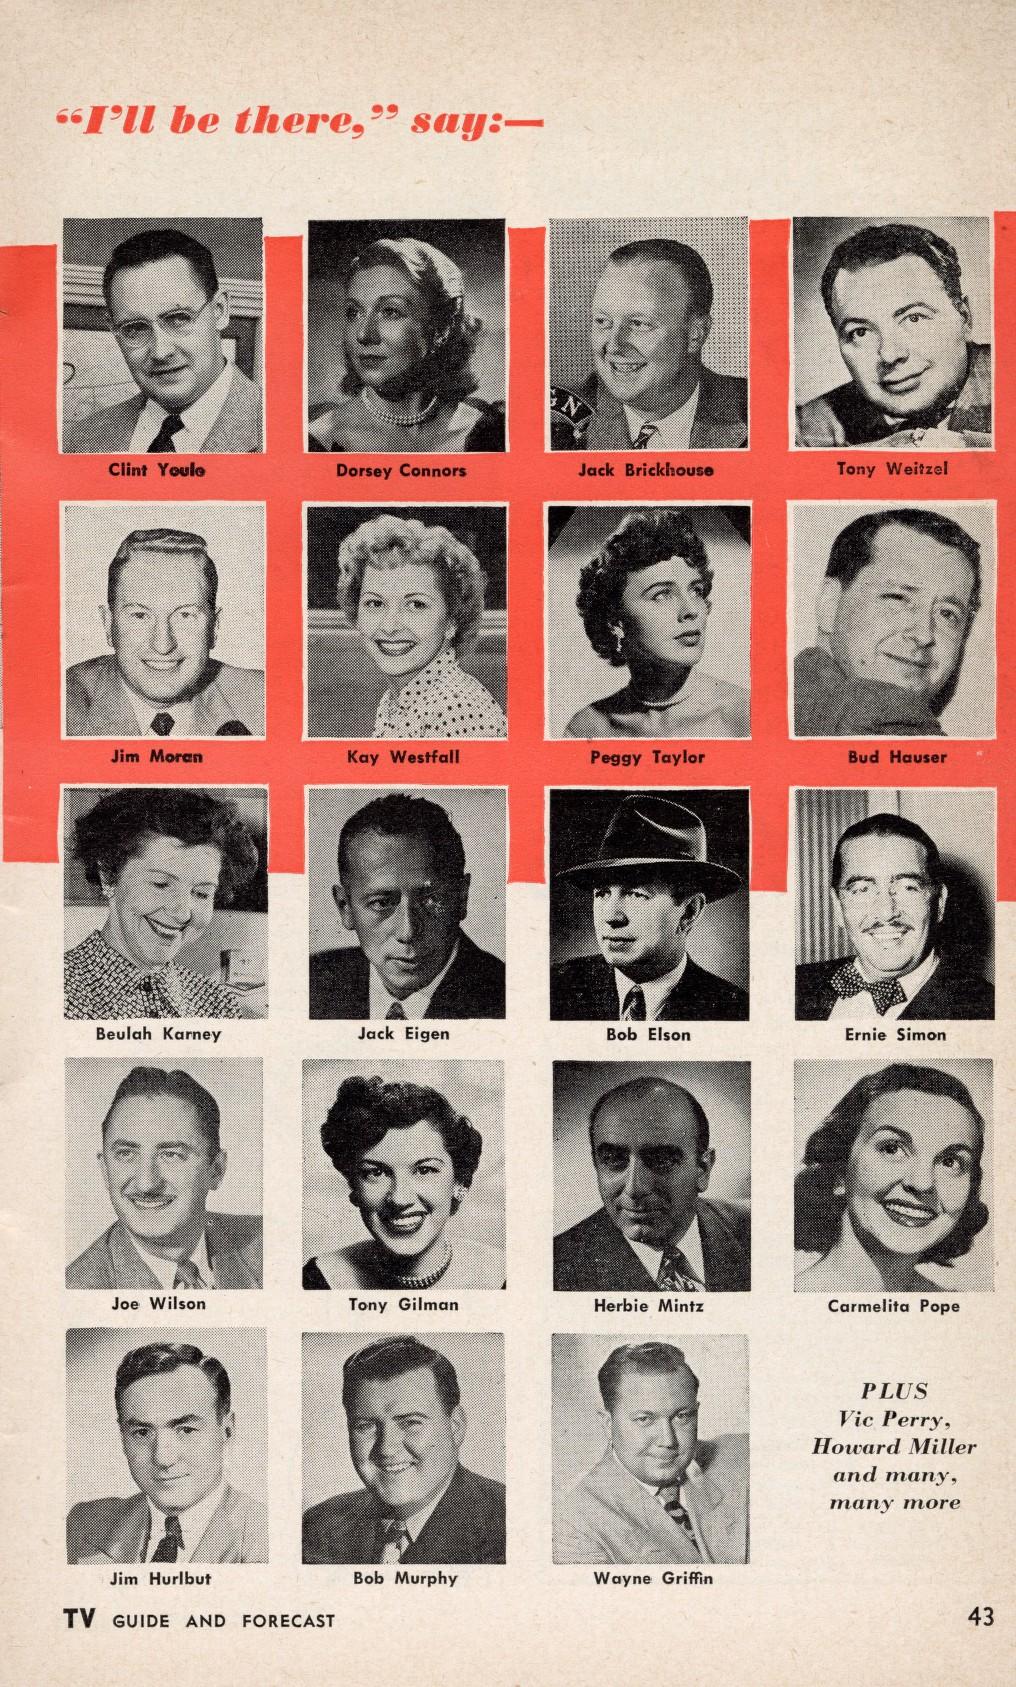 Tvforecast-chicago-1953-03-27_jp2.zip&file=tvforecast-chicago-1953-03-27_jp2%2ftvforecast-chicago-1953-03-27_0042